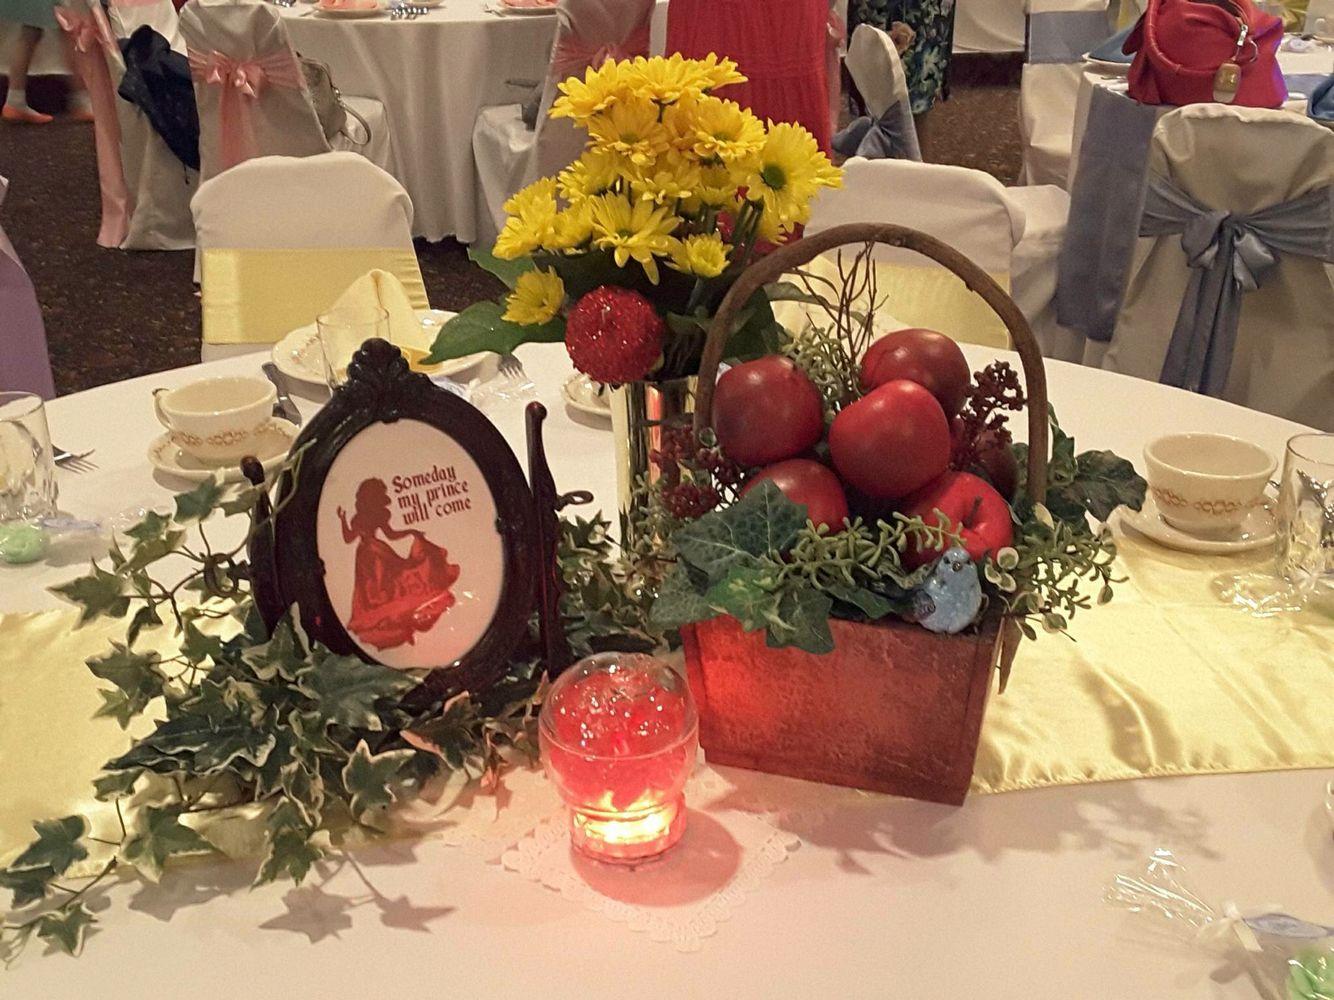 Snow White centerpiece | Wedding stuff | Pinterest | Snow white ...